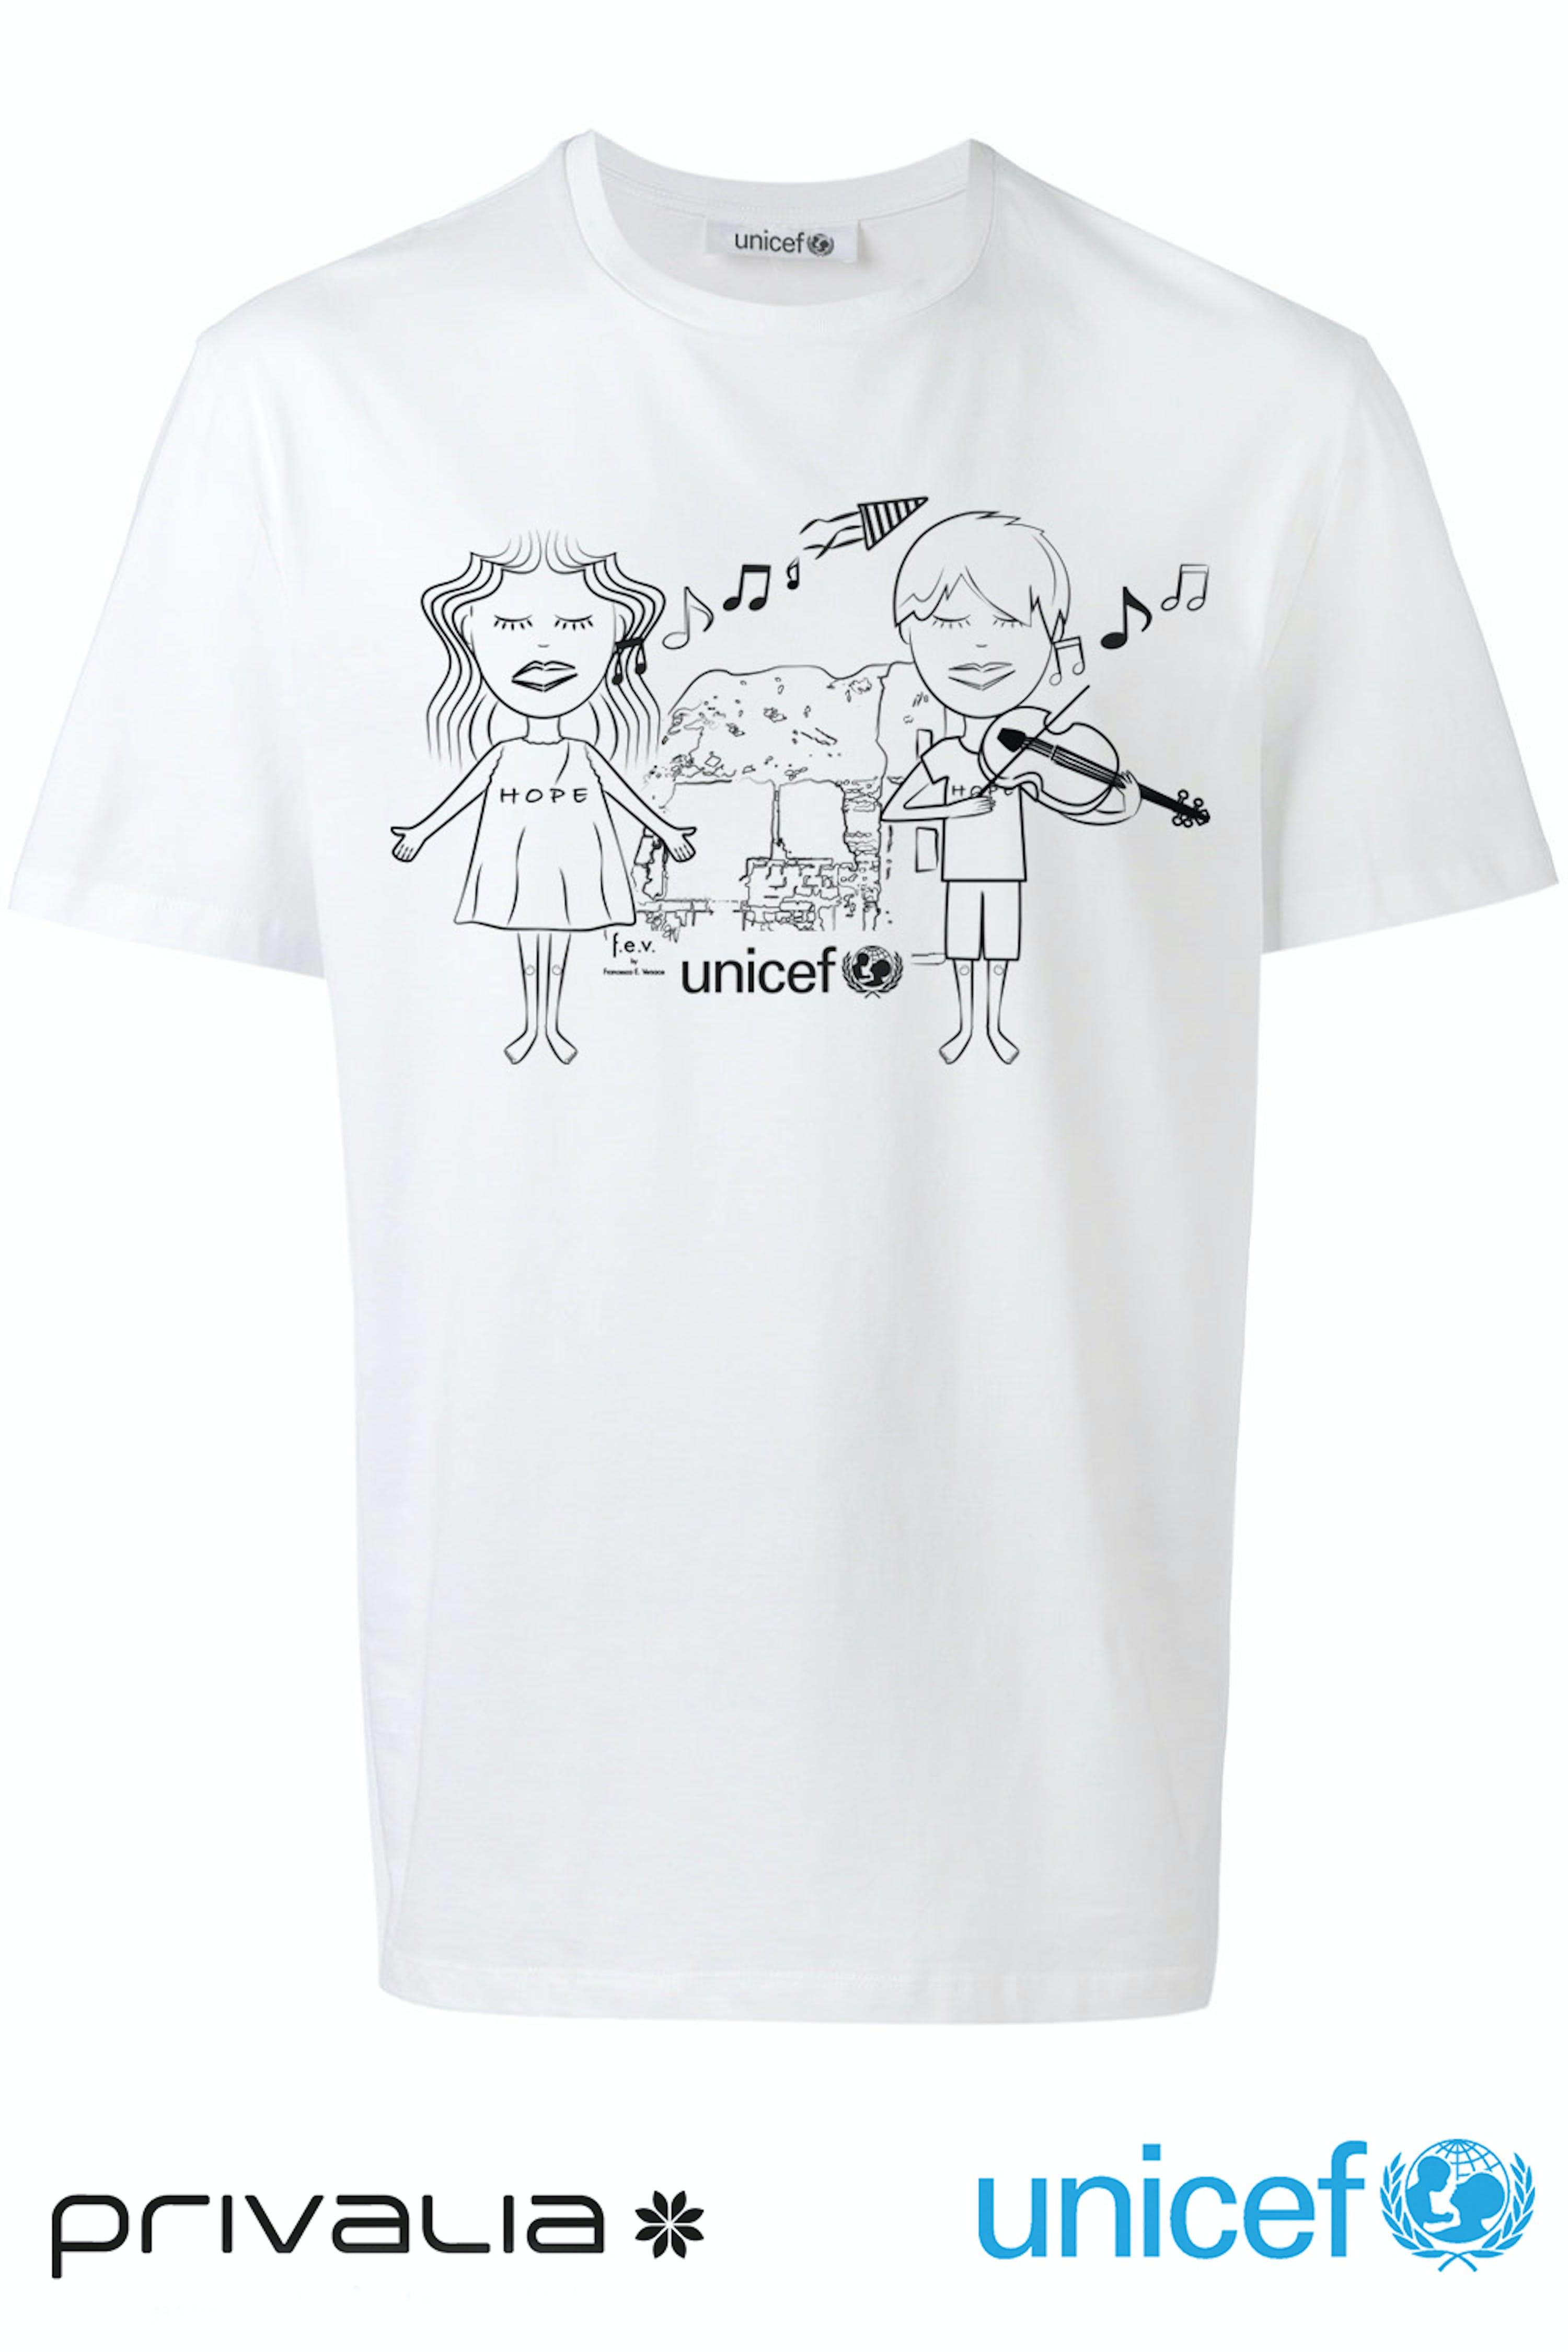 La T-shirt realizzata da Francesca Versace per Privalia: in omaggio a chi dona per l'UNICEF chiamando il 45566 dal 13 al 24 novembre